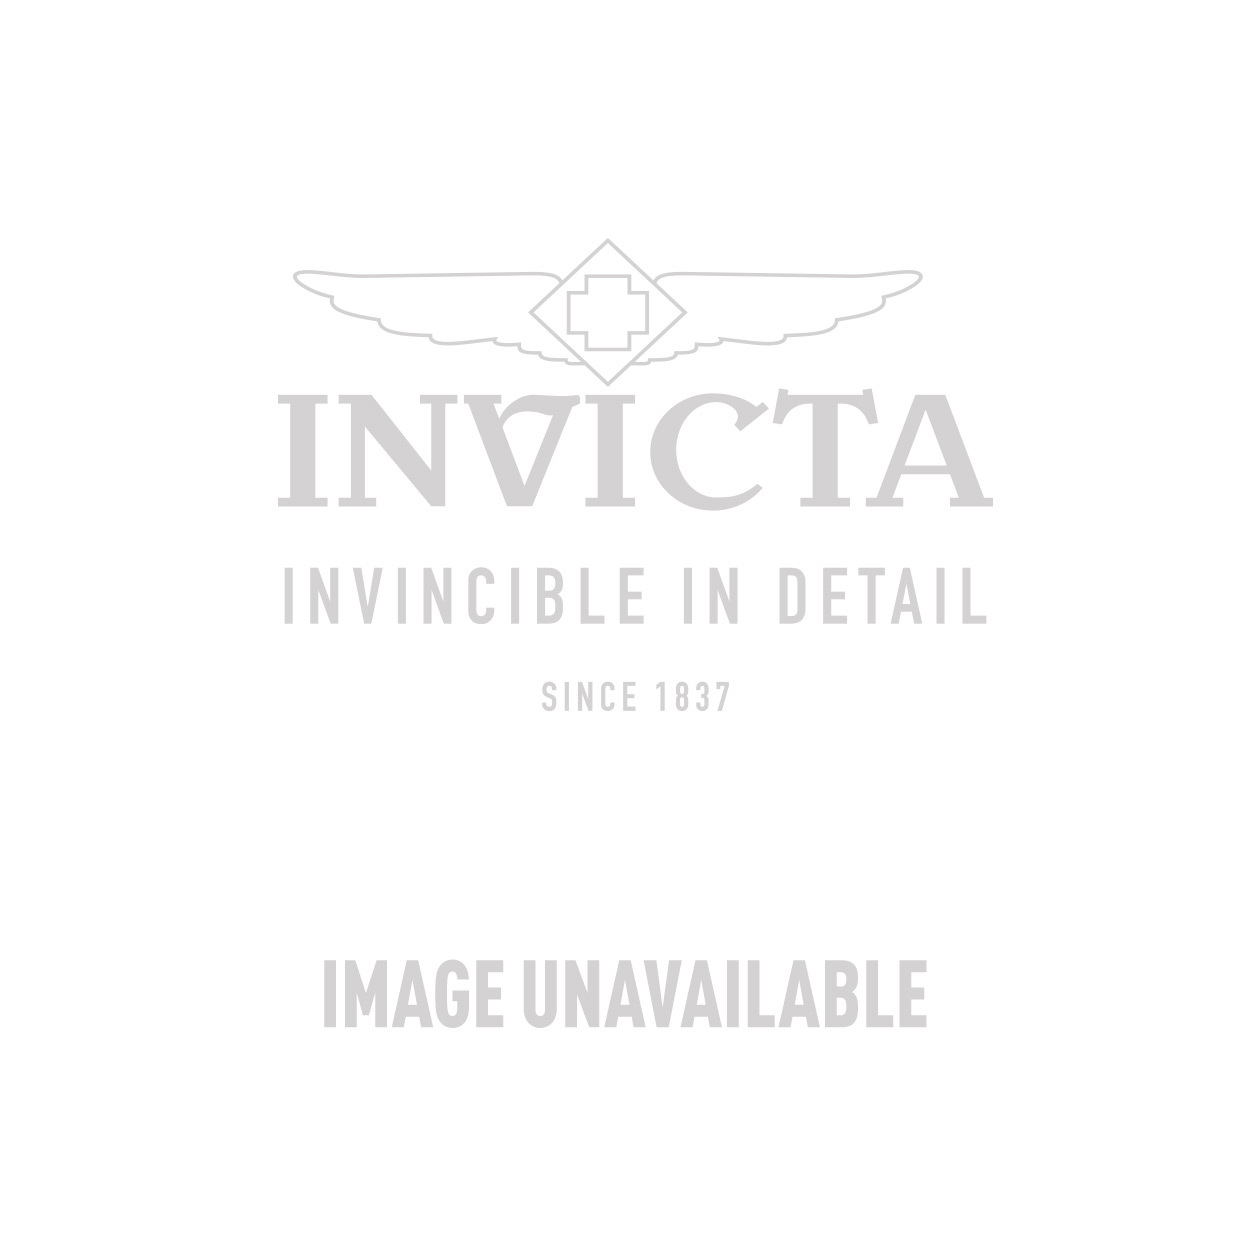 Invicta Model 27385